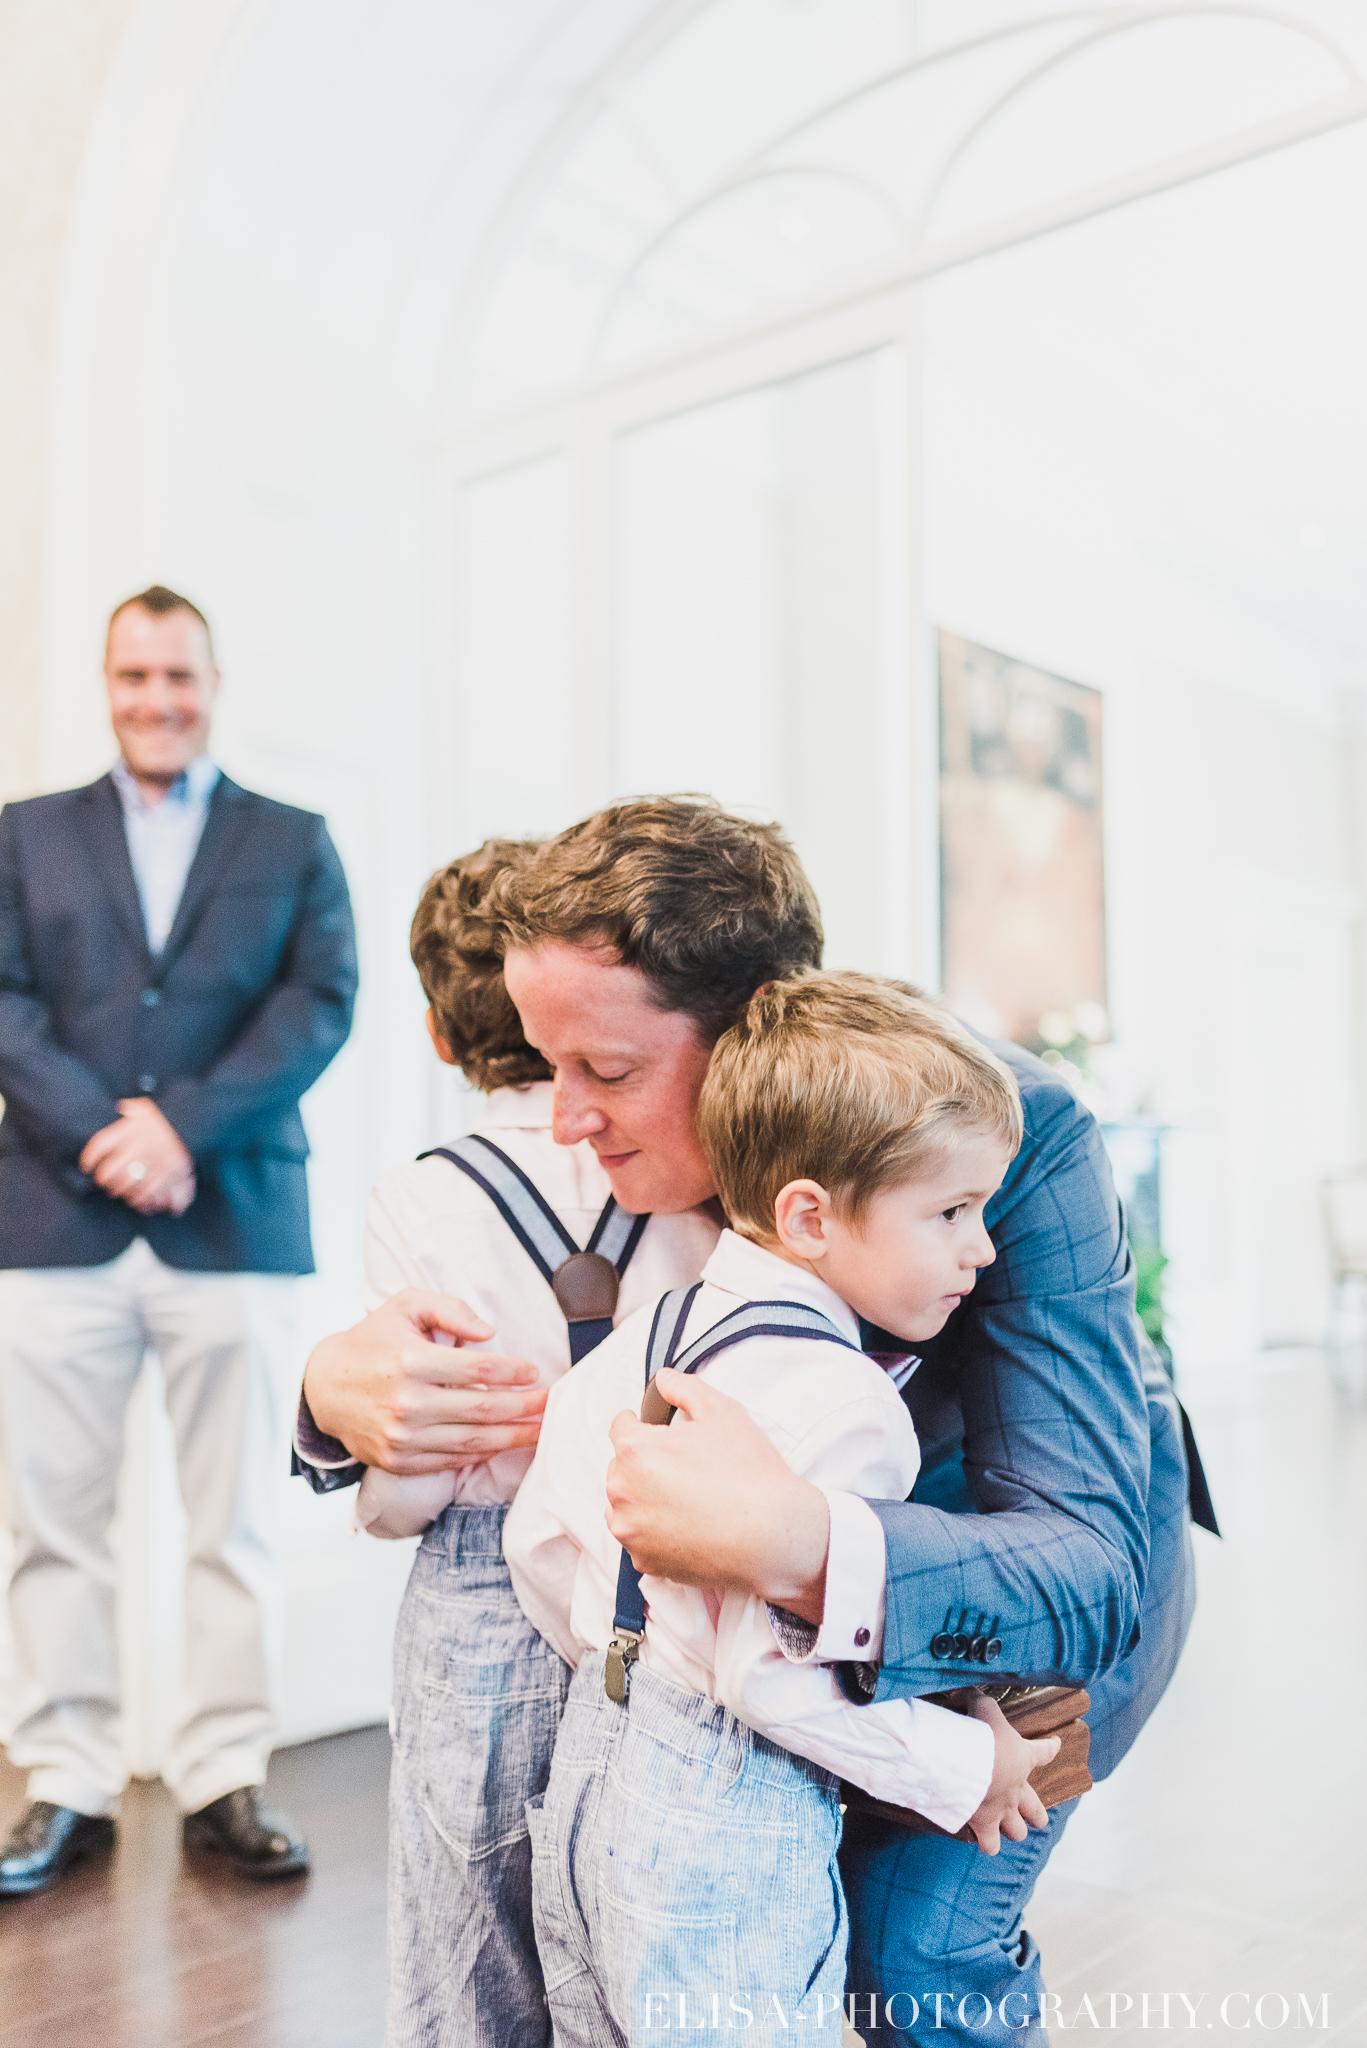 photo mariage domaine cataraqui wedding echange bagues voeux salle ceremonie 2214 - Mariage d'inspiration anglaise au domaine Cataraqui